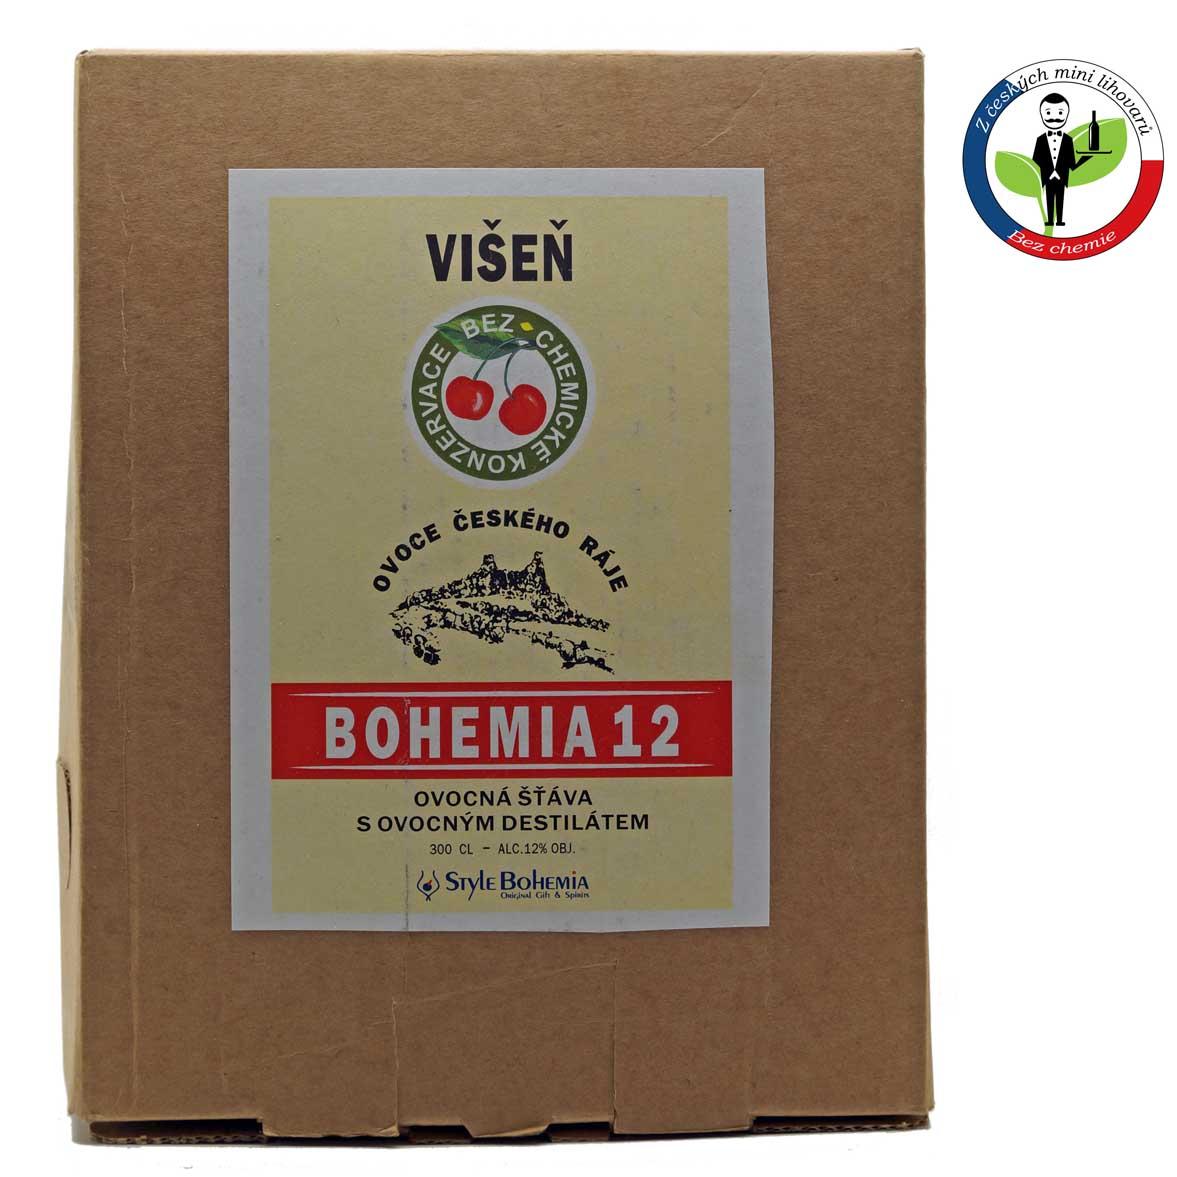 Bohemia 12 Višeň BOX 3l - alkoholizovaný mošt + ROZVOZ PRAHA ZDARMA